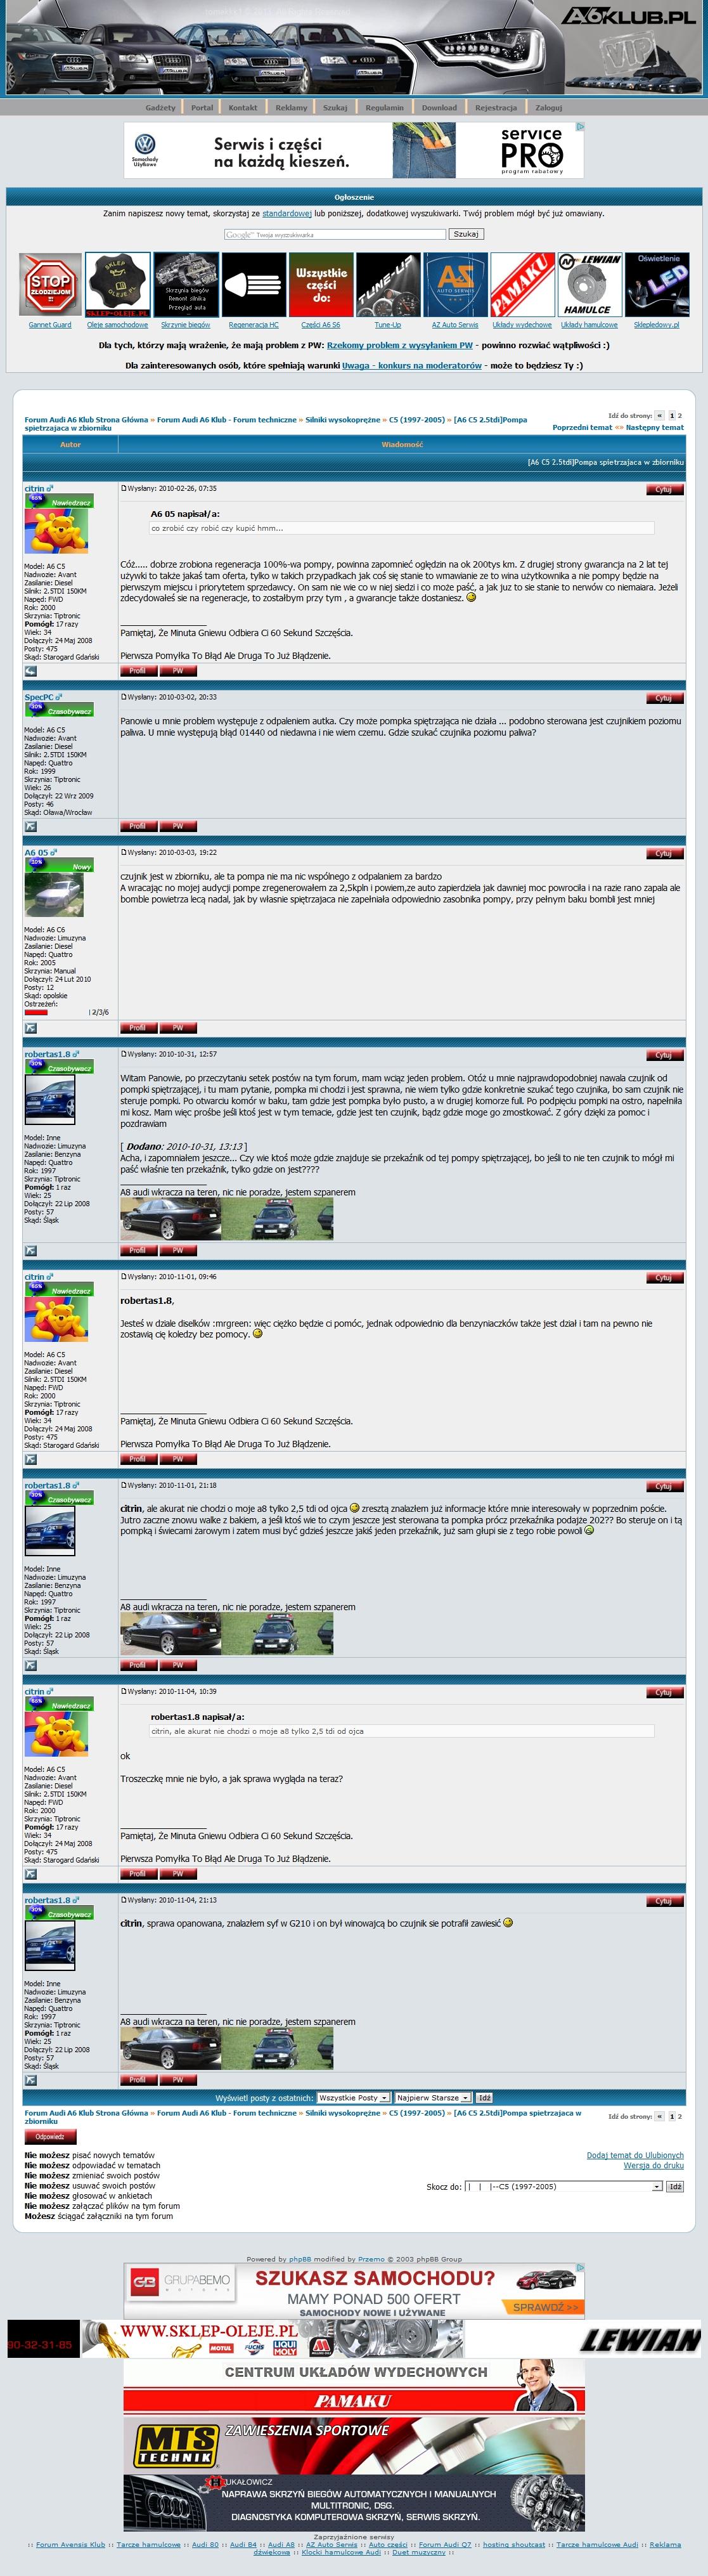 Jaki najlepszy silnik do AUDI A6 C5?